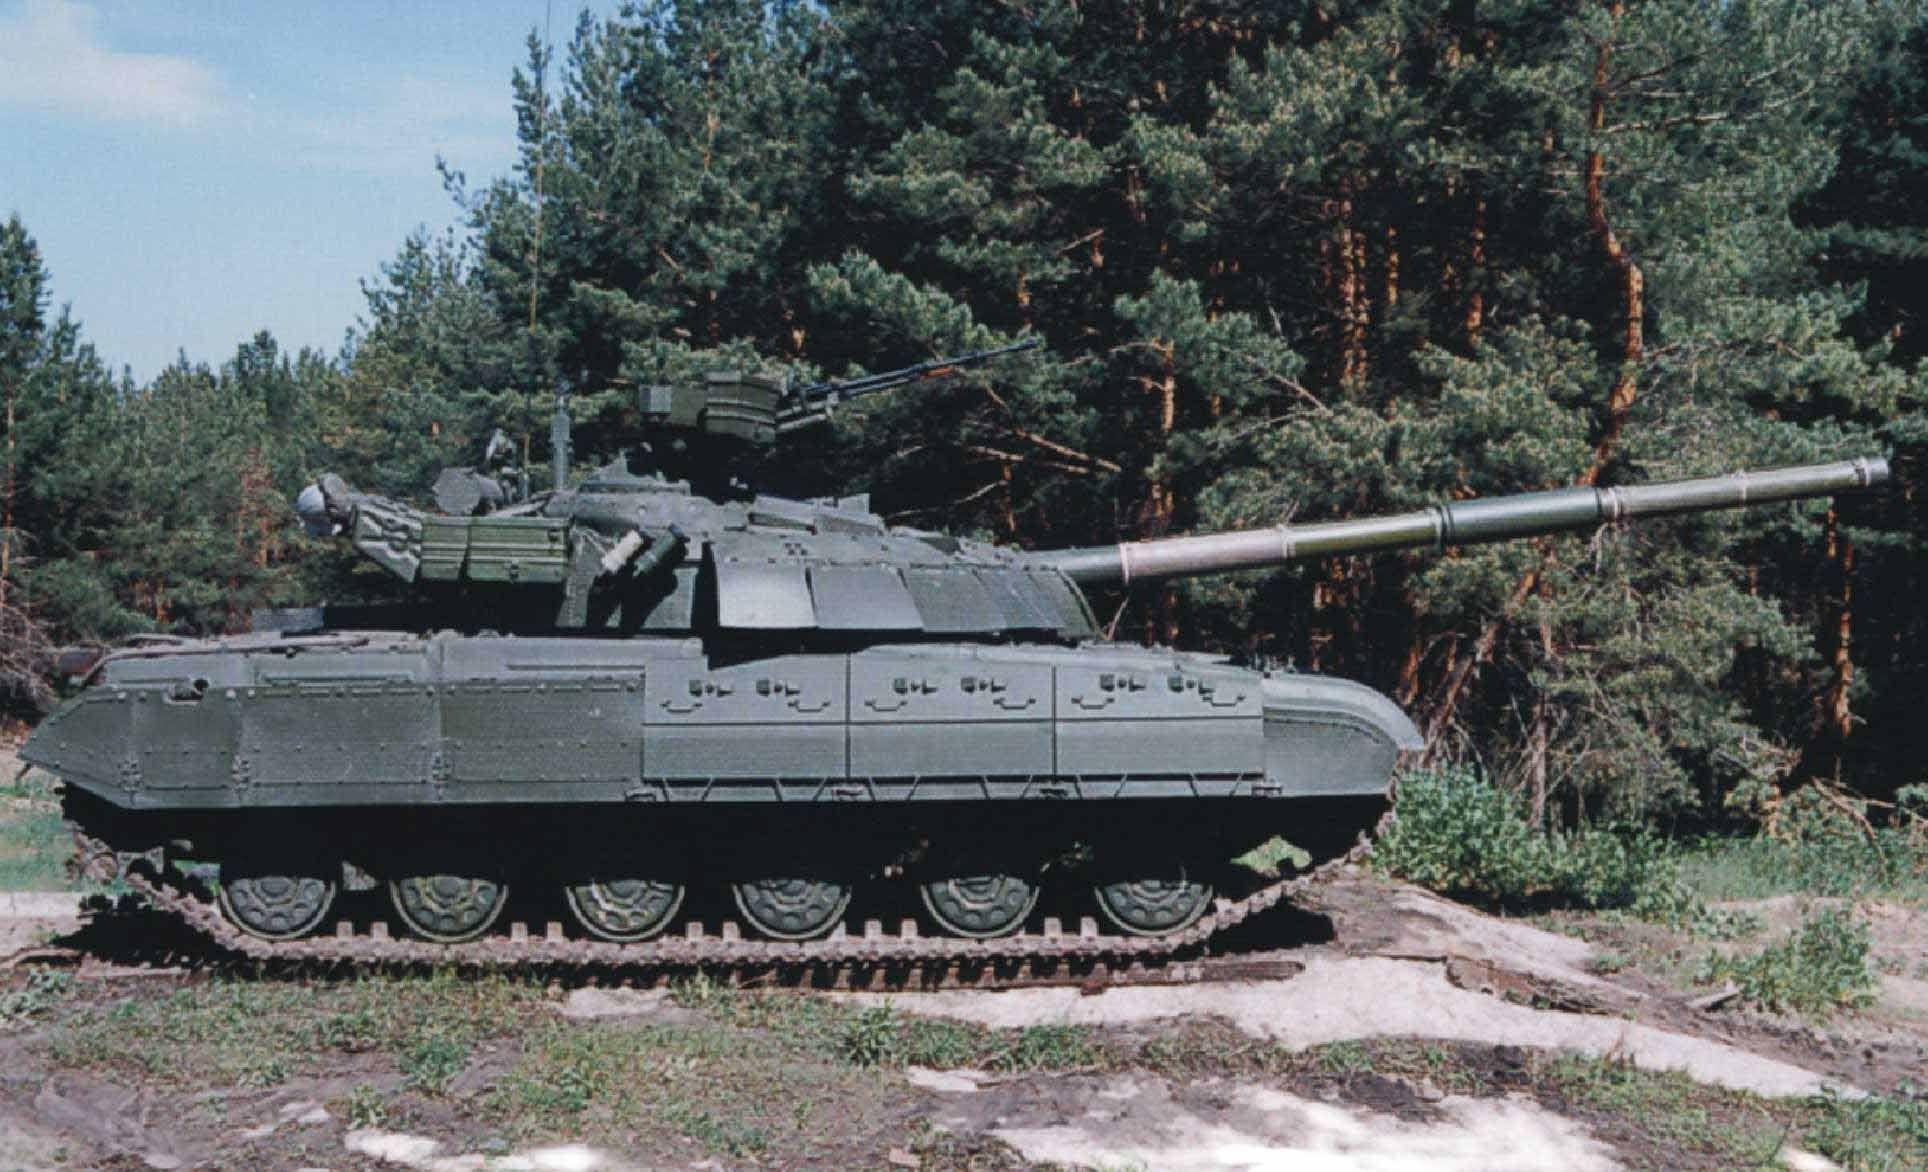 Фото ул танковый проезд в москве двух